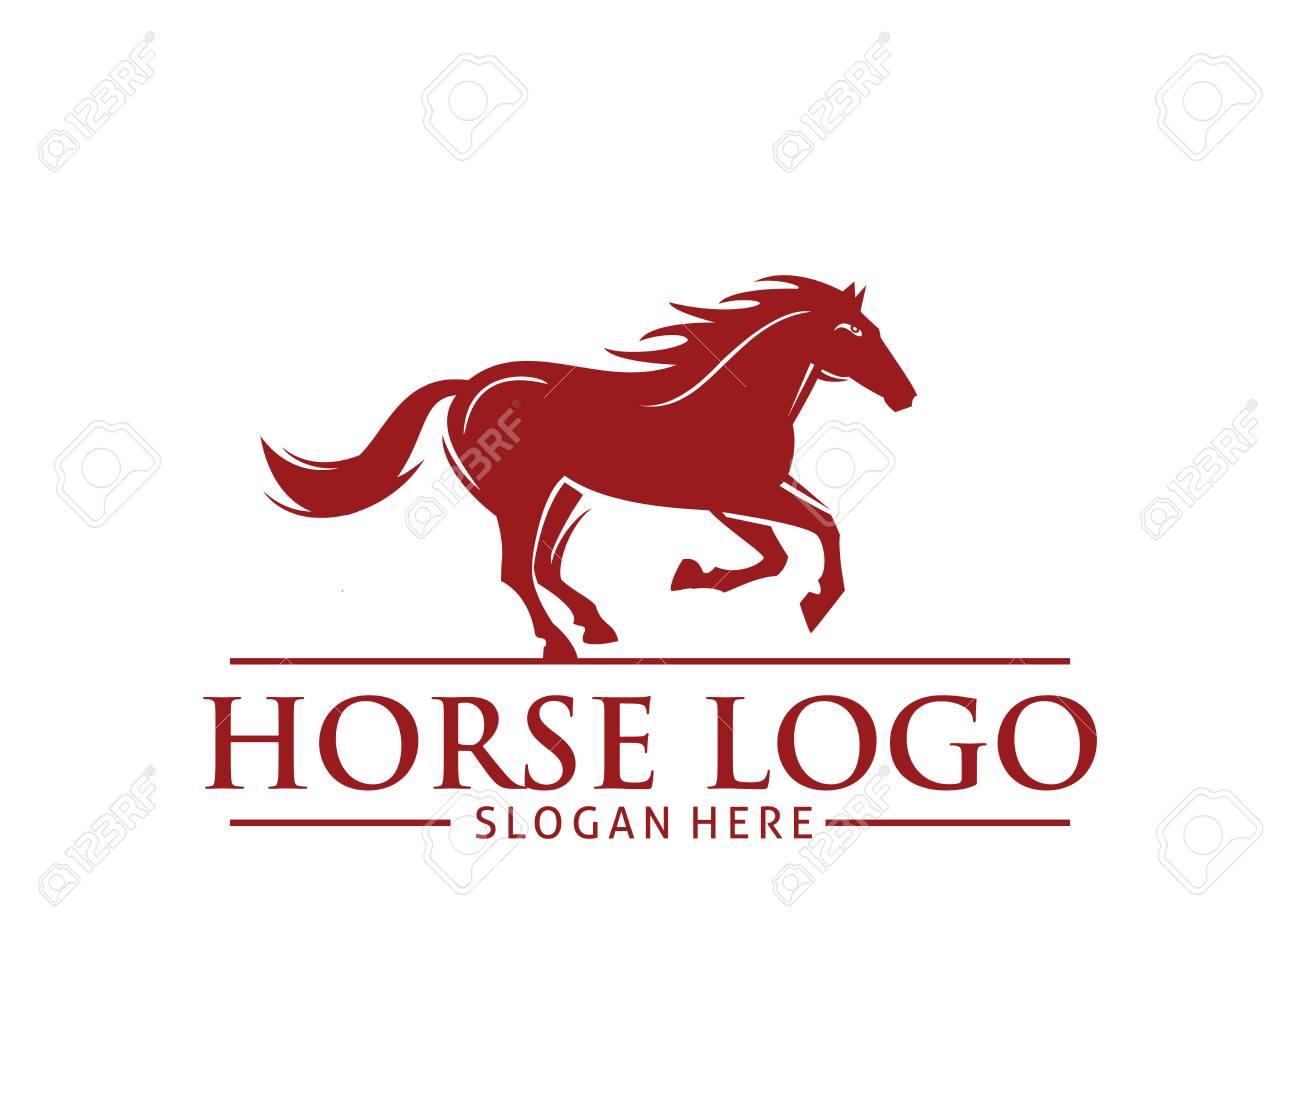 Horse logo design stylish graphic template design company farm.